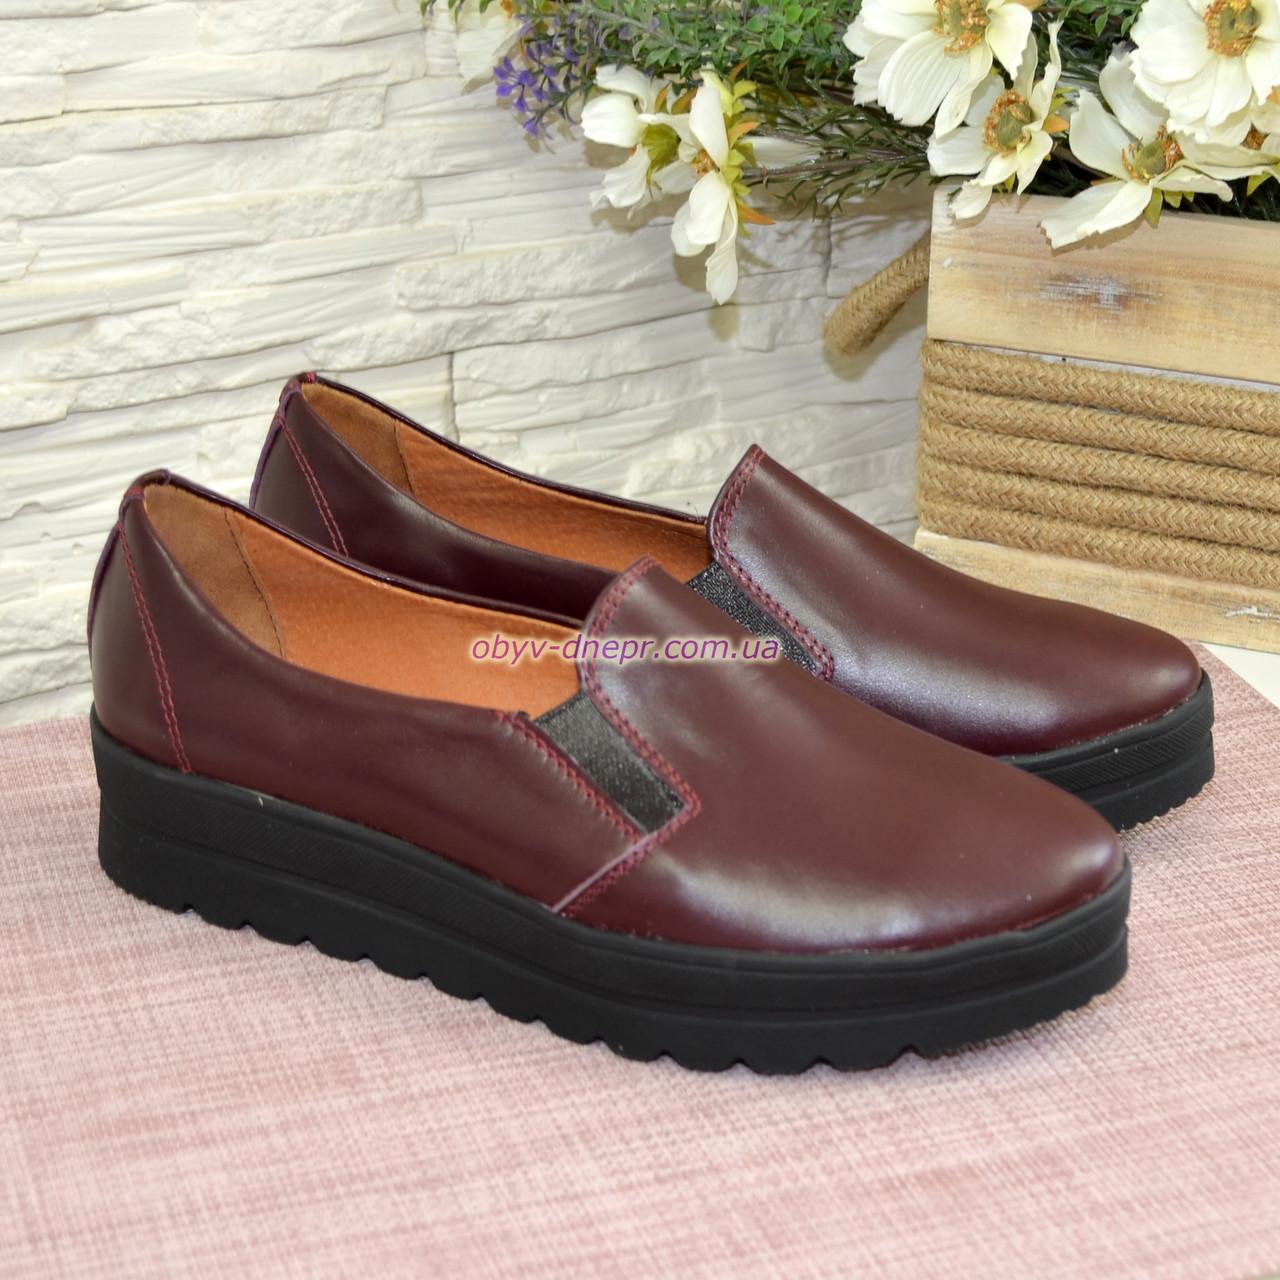 Туфли женские кожаные на утолщенной подошве, цвет бордо